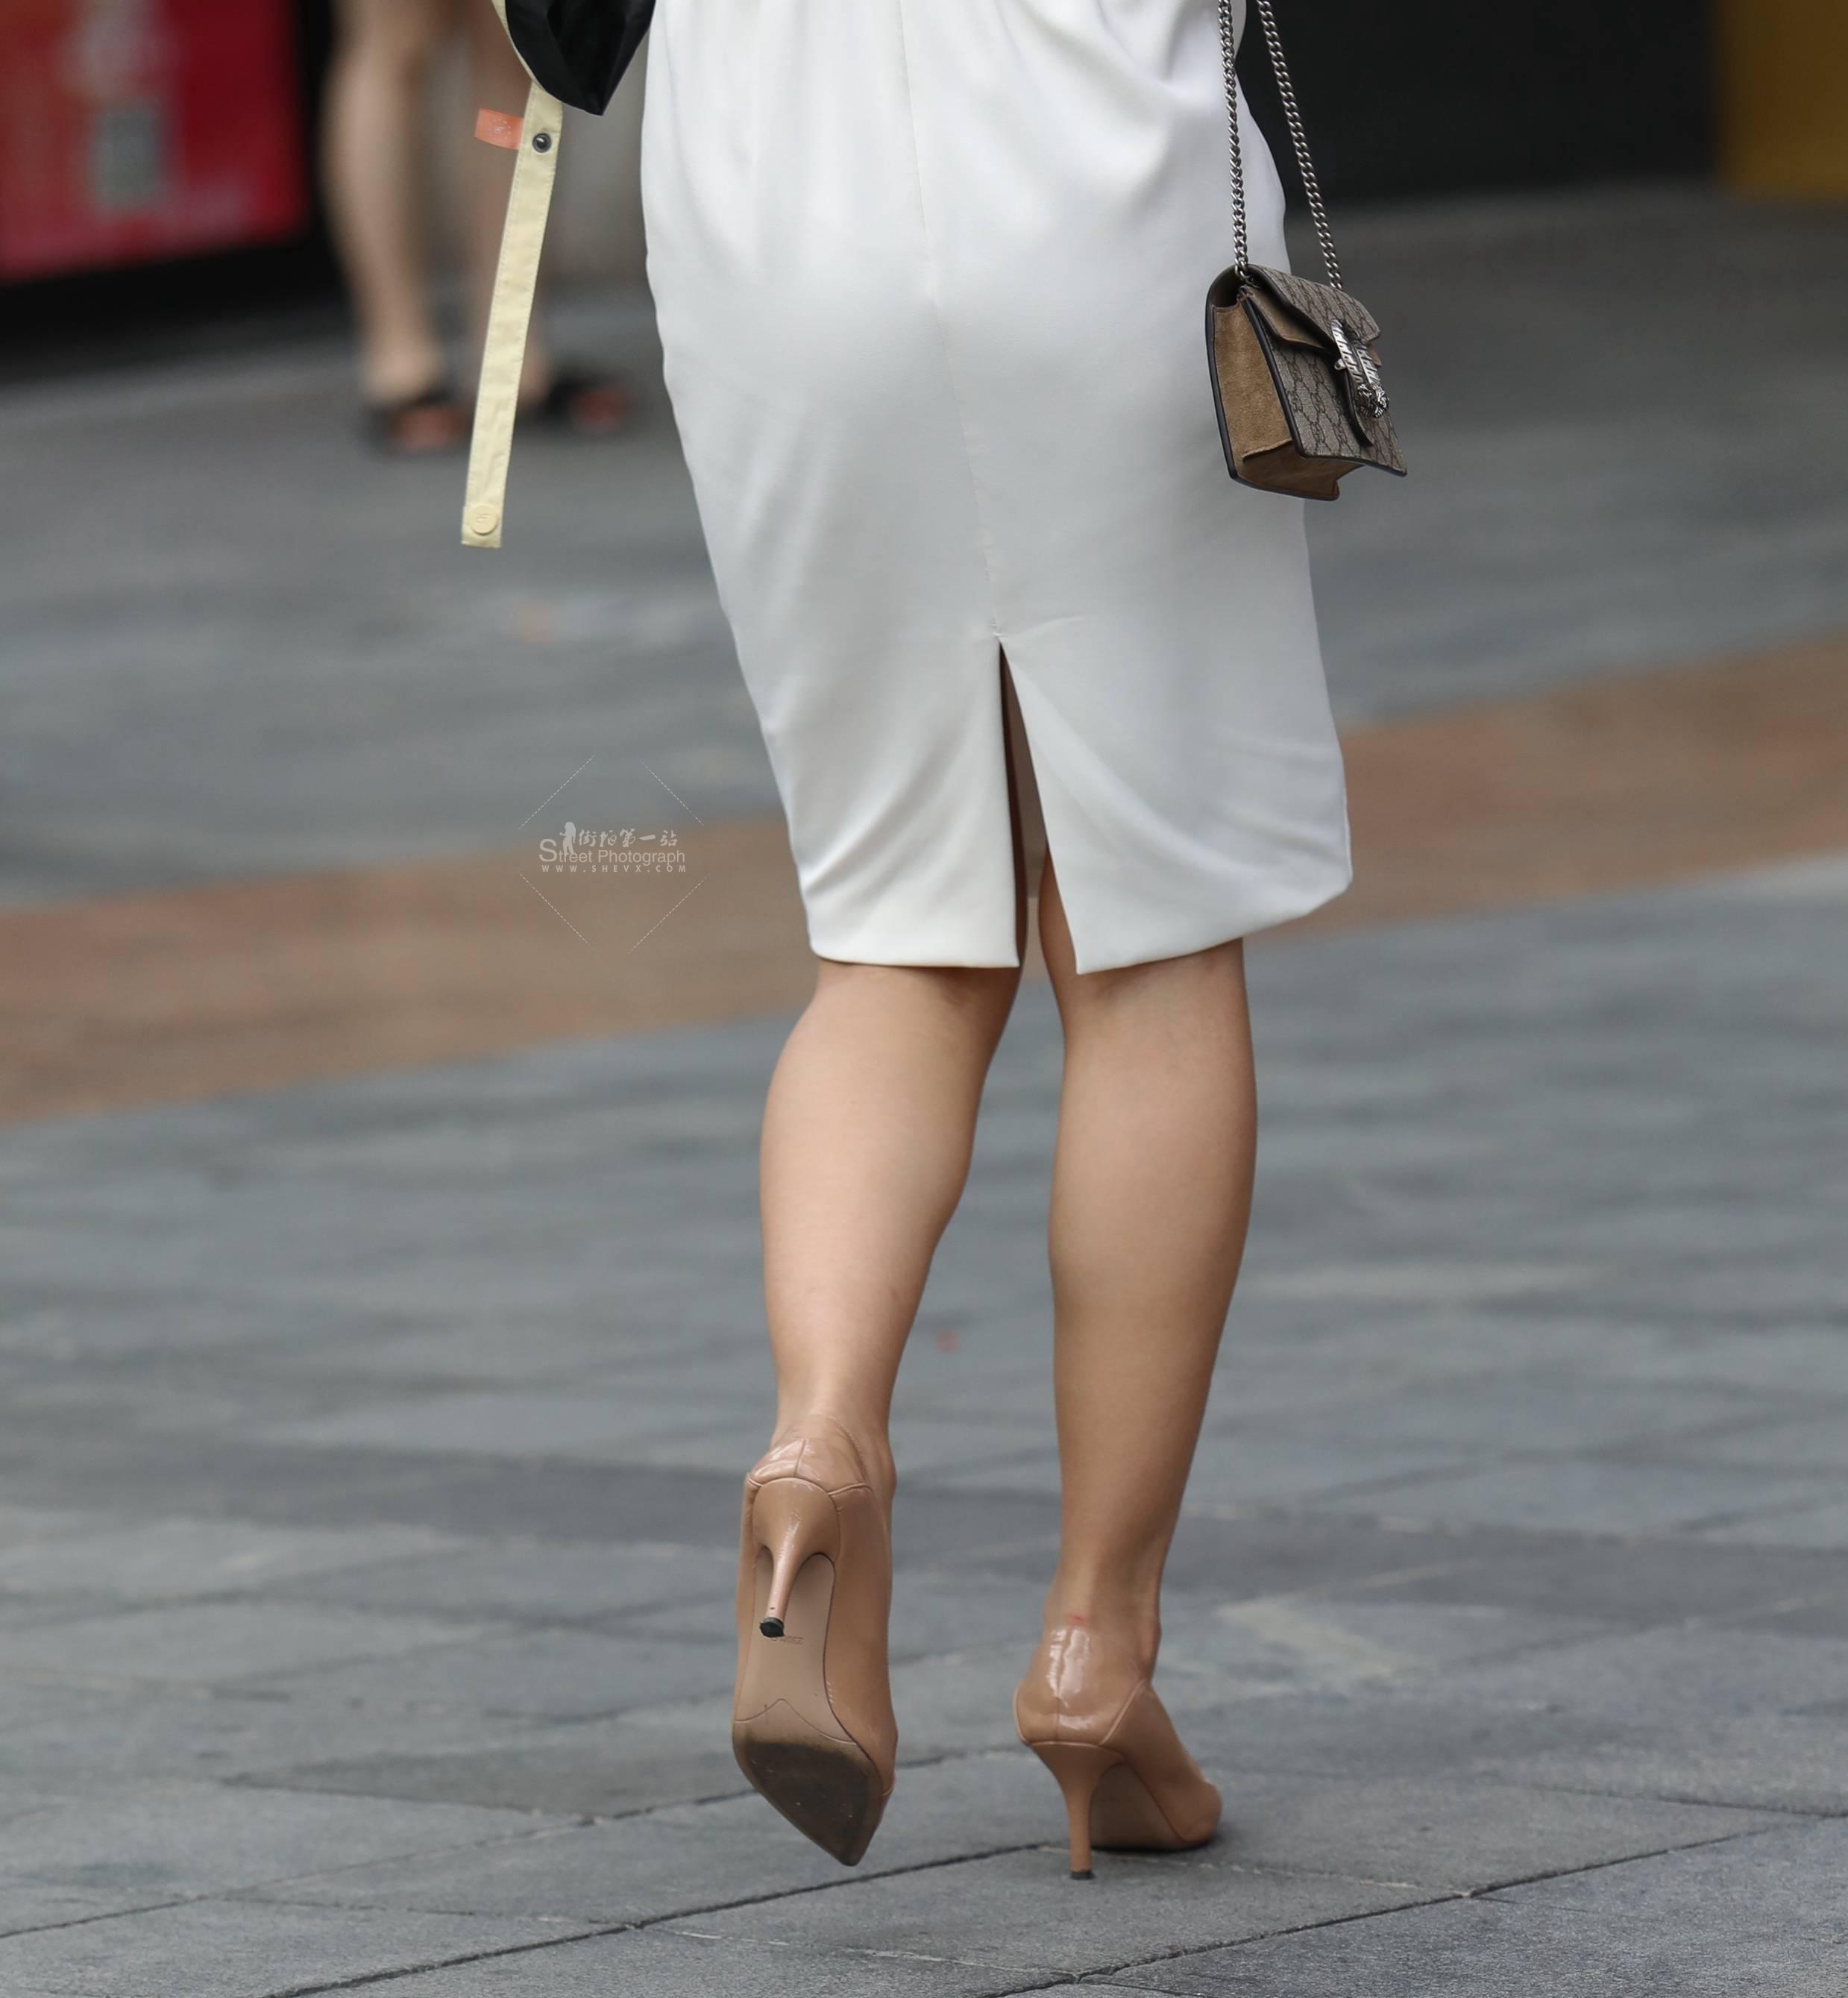 街拍高跟 【珏一笑而过】白裙 高跟Shao Fu 最新街拍丝袜图片 街拍丝袜第一站